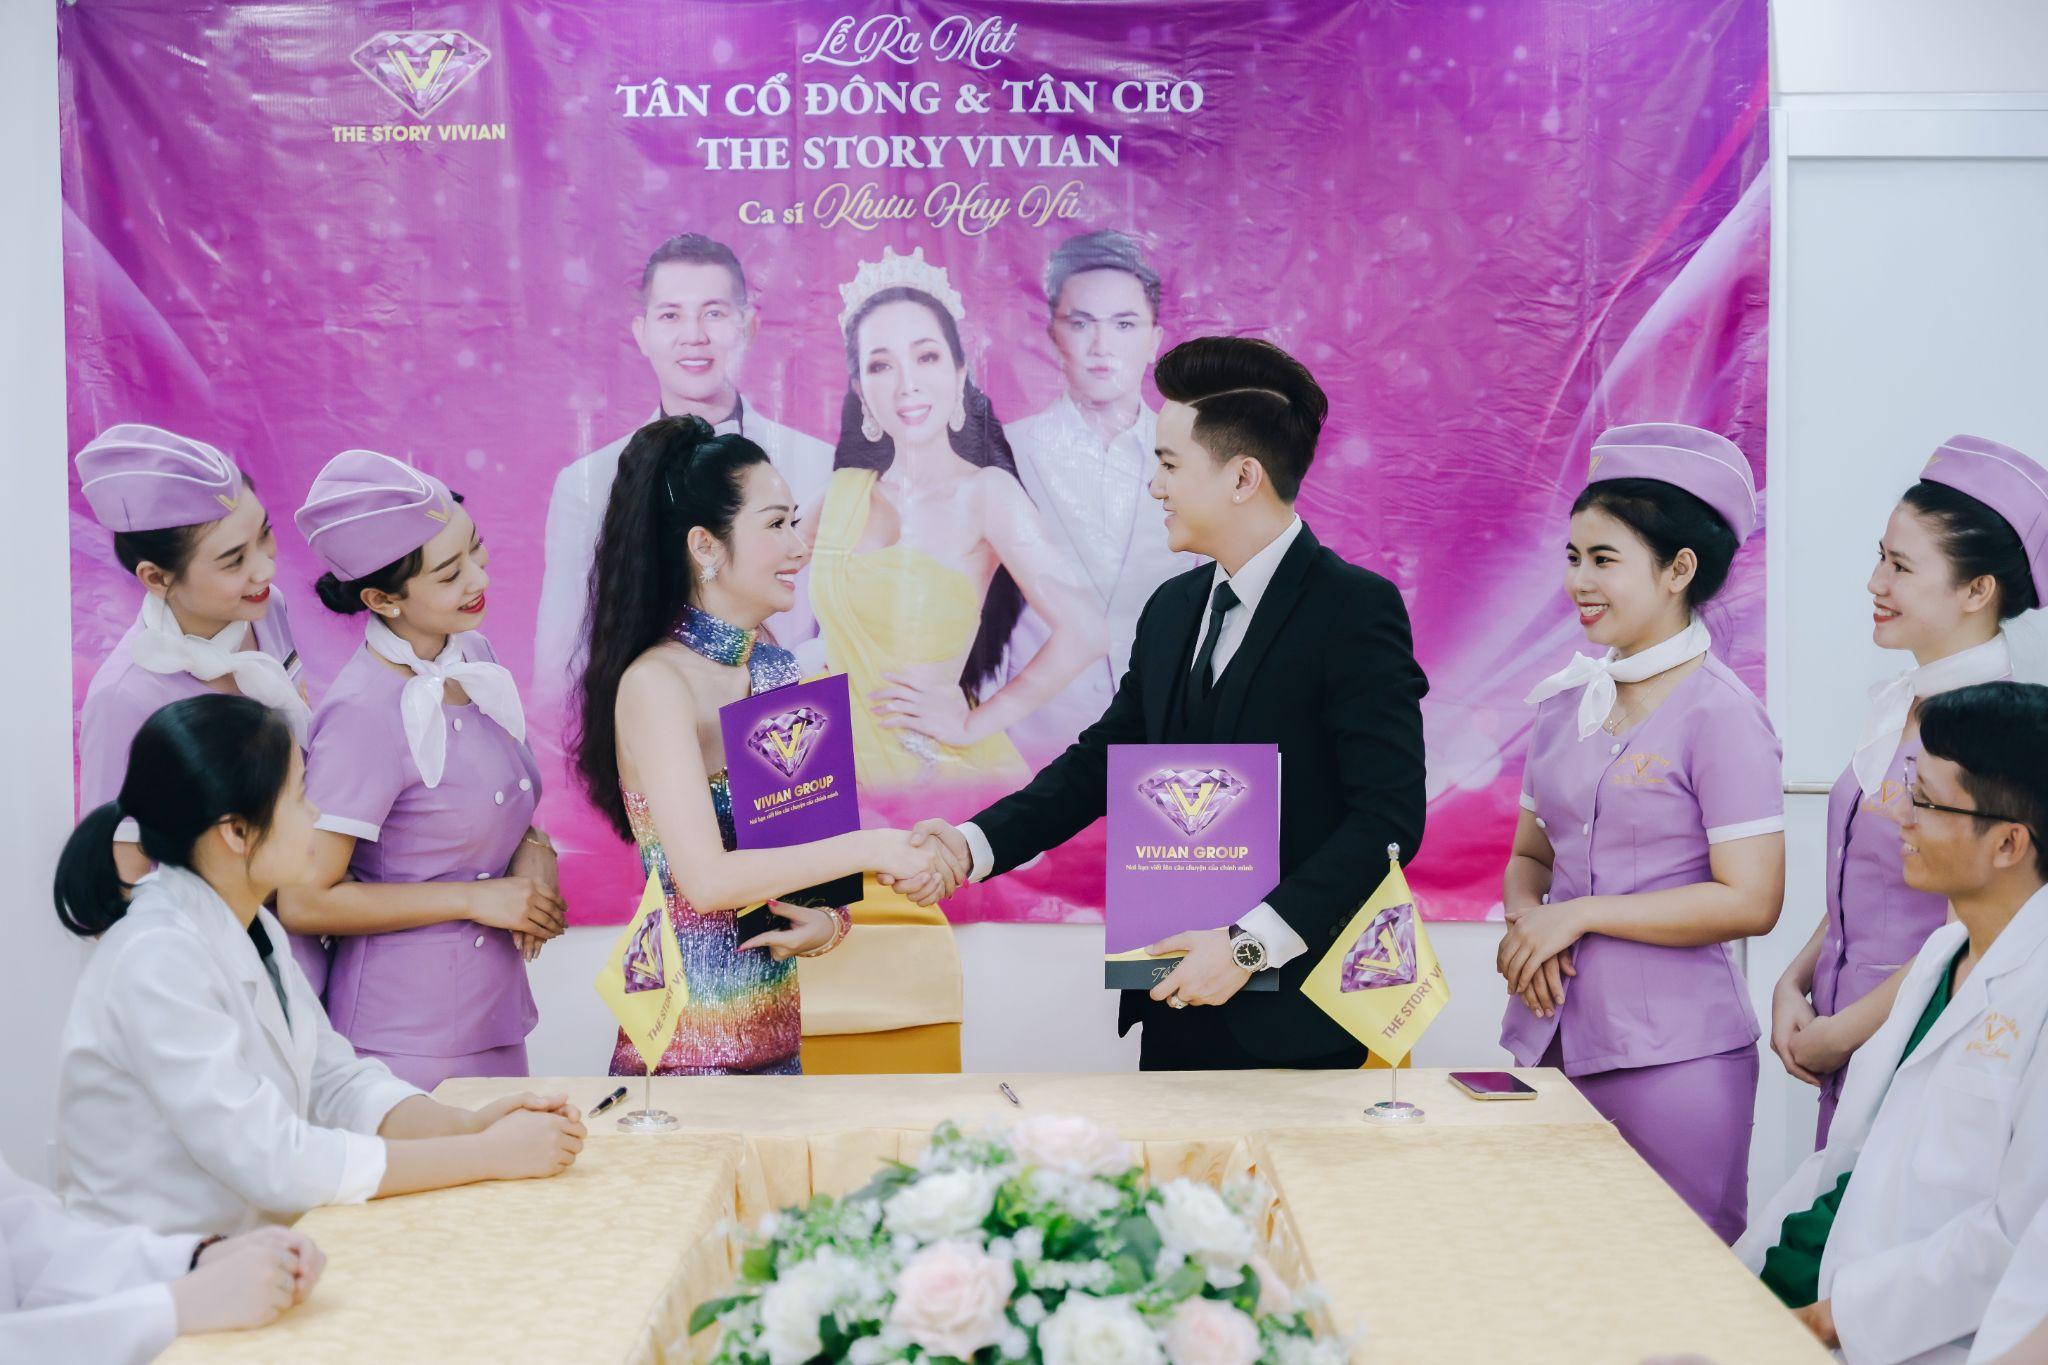 Vivian Trần cho rằng, Vivian Trần có thể làm tốt vai trò mới.